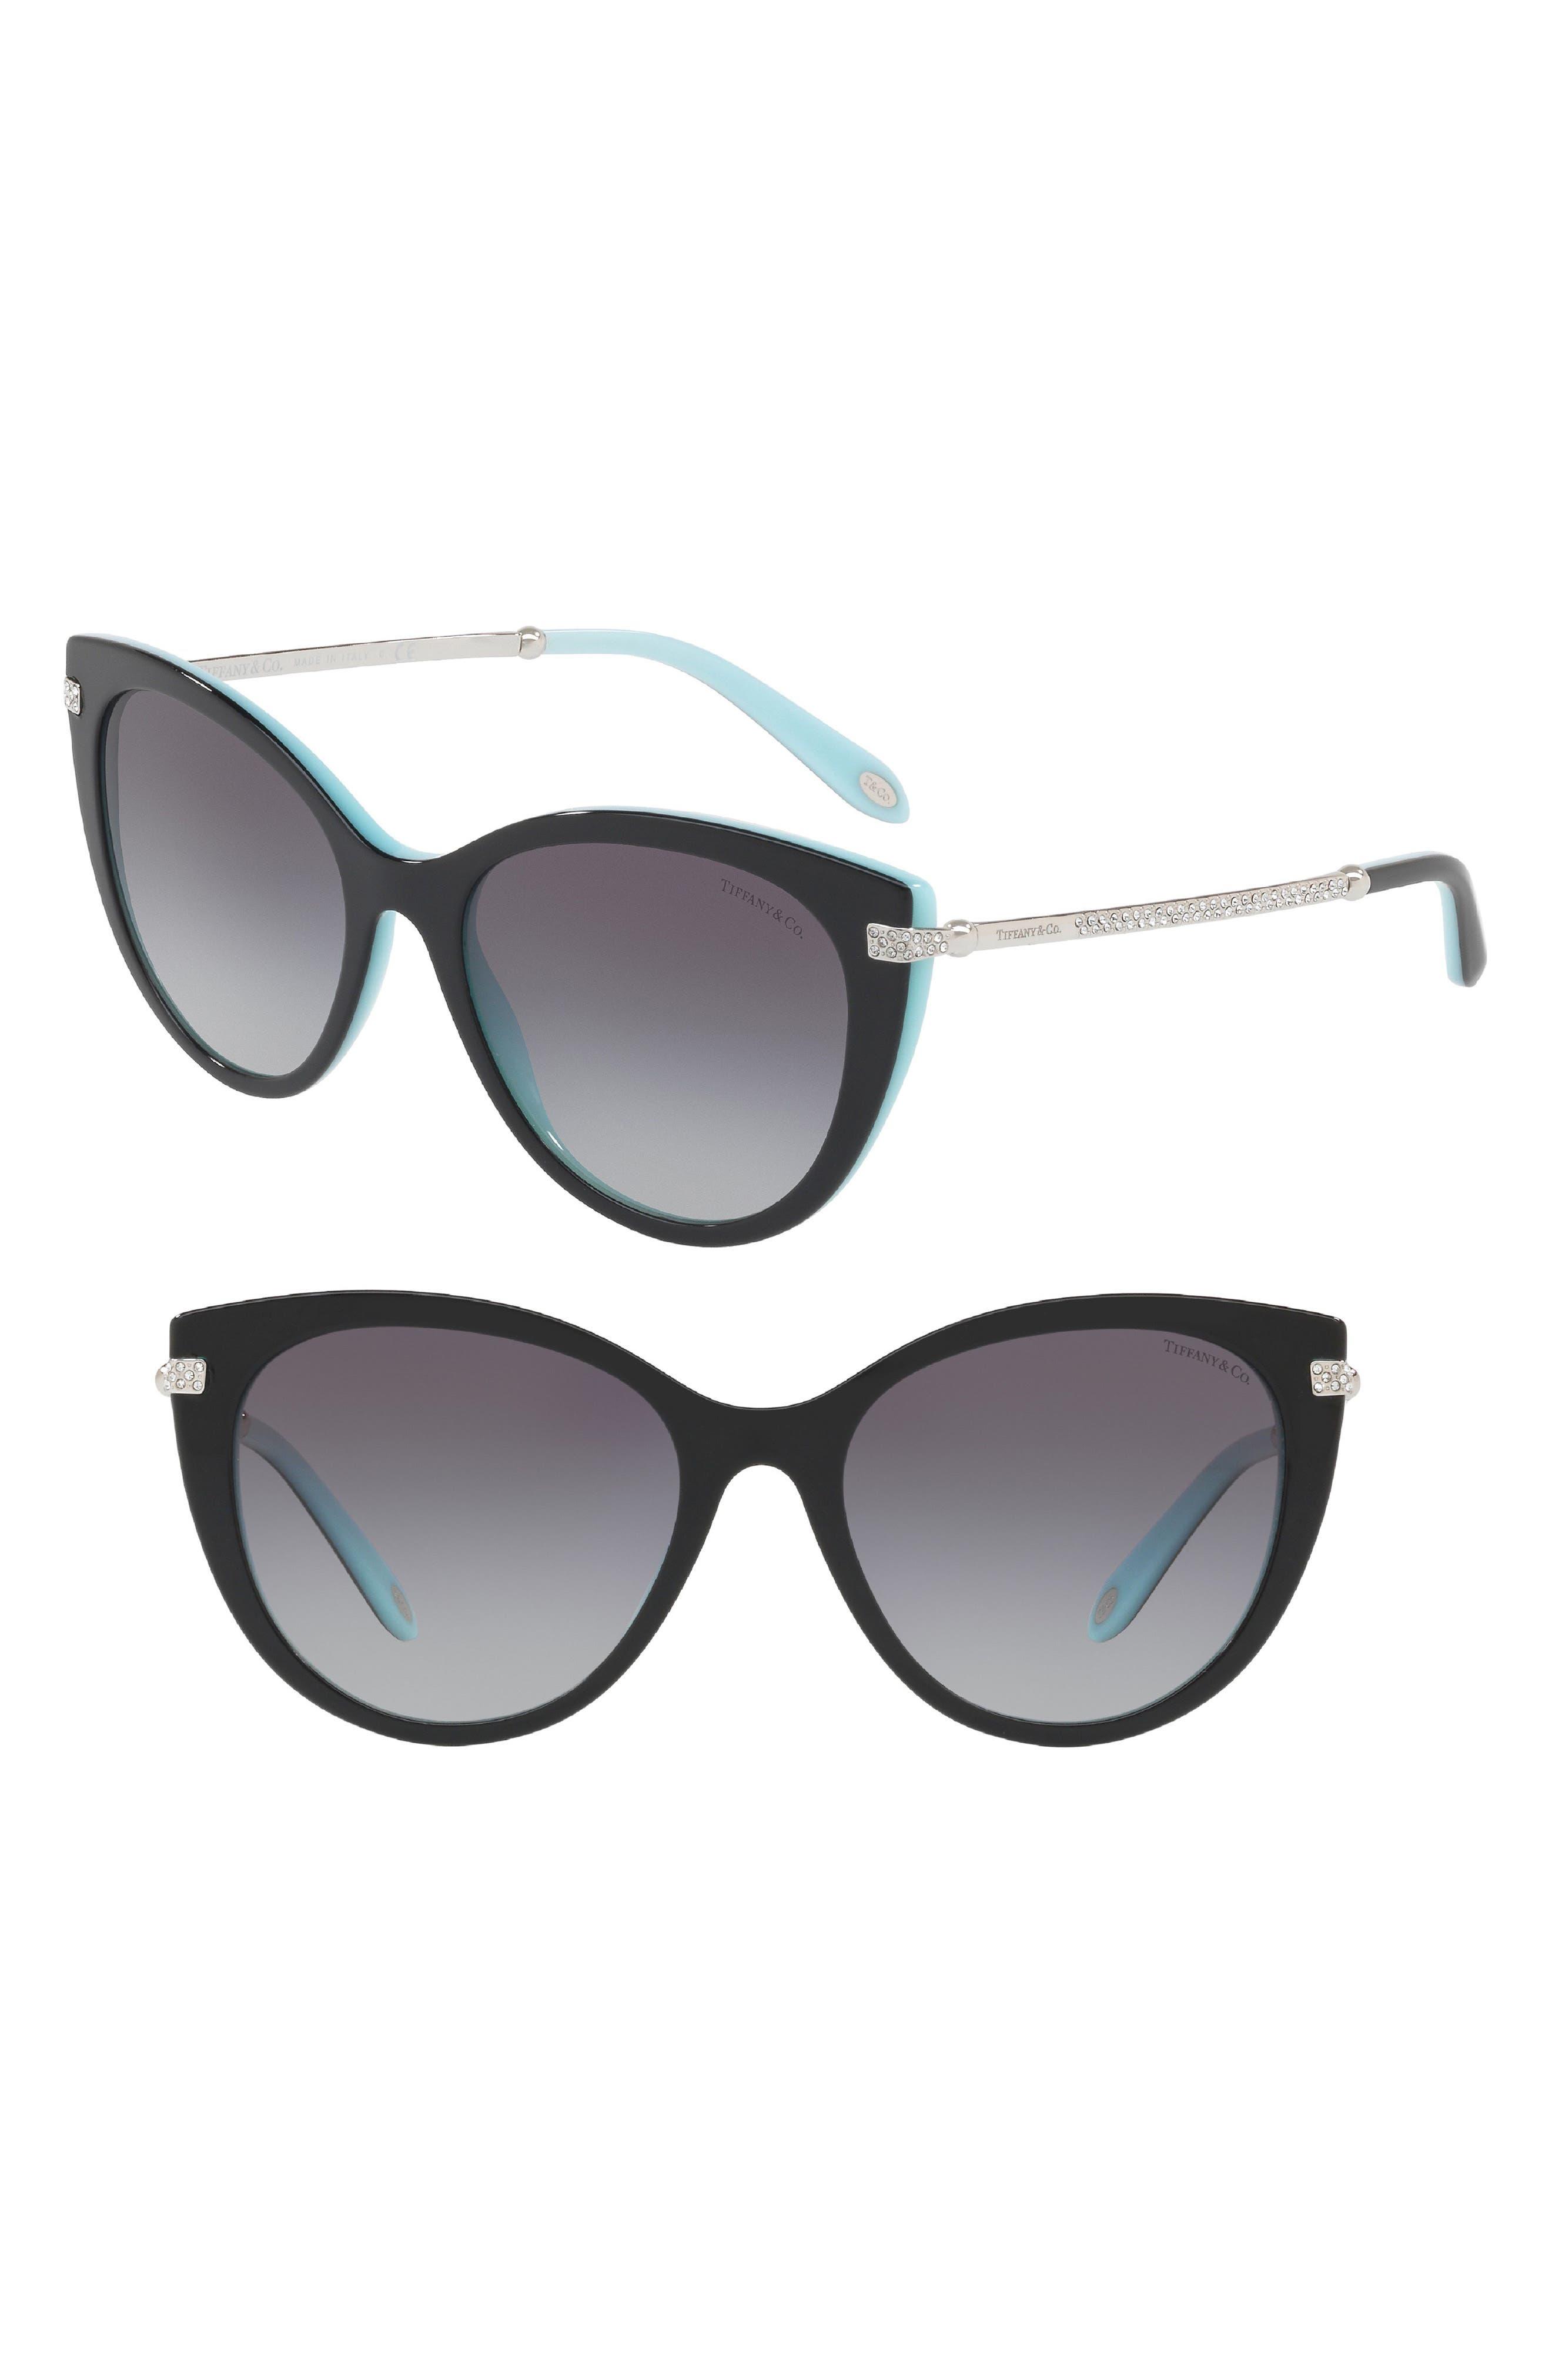 55mm Gradient Cat Eye Sunglasses,                             Main thumbnail 1, color,                             Black/ Blue Gradient